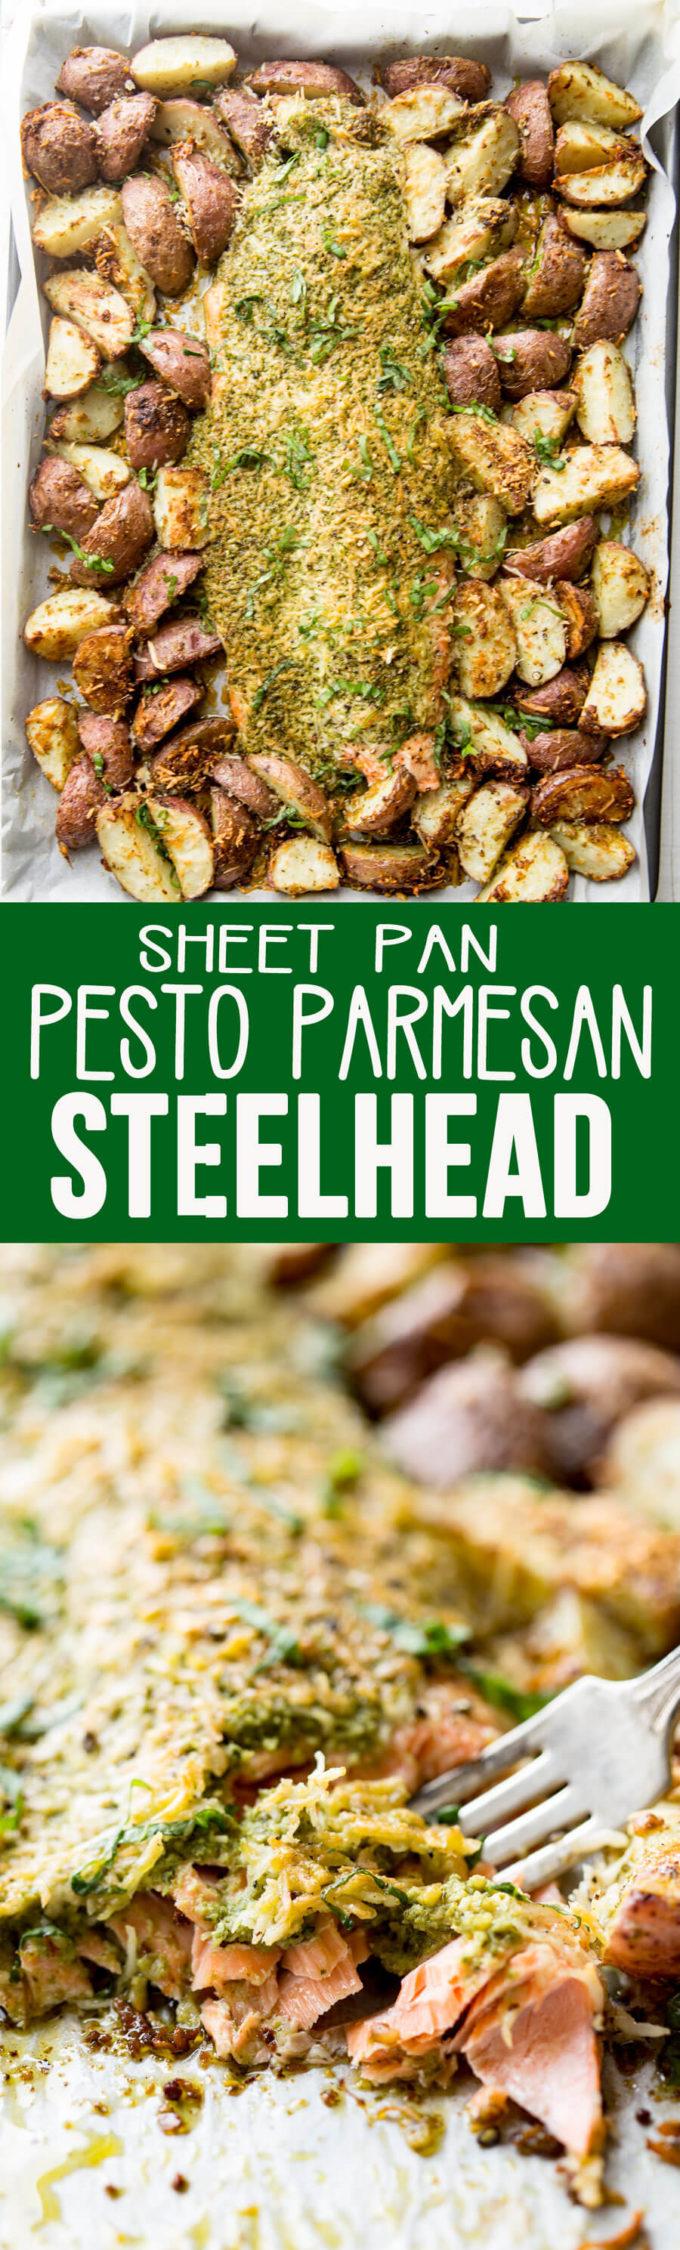 Pesto parmesan steelhead and roasted potatoes